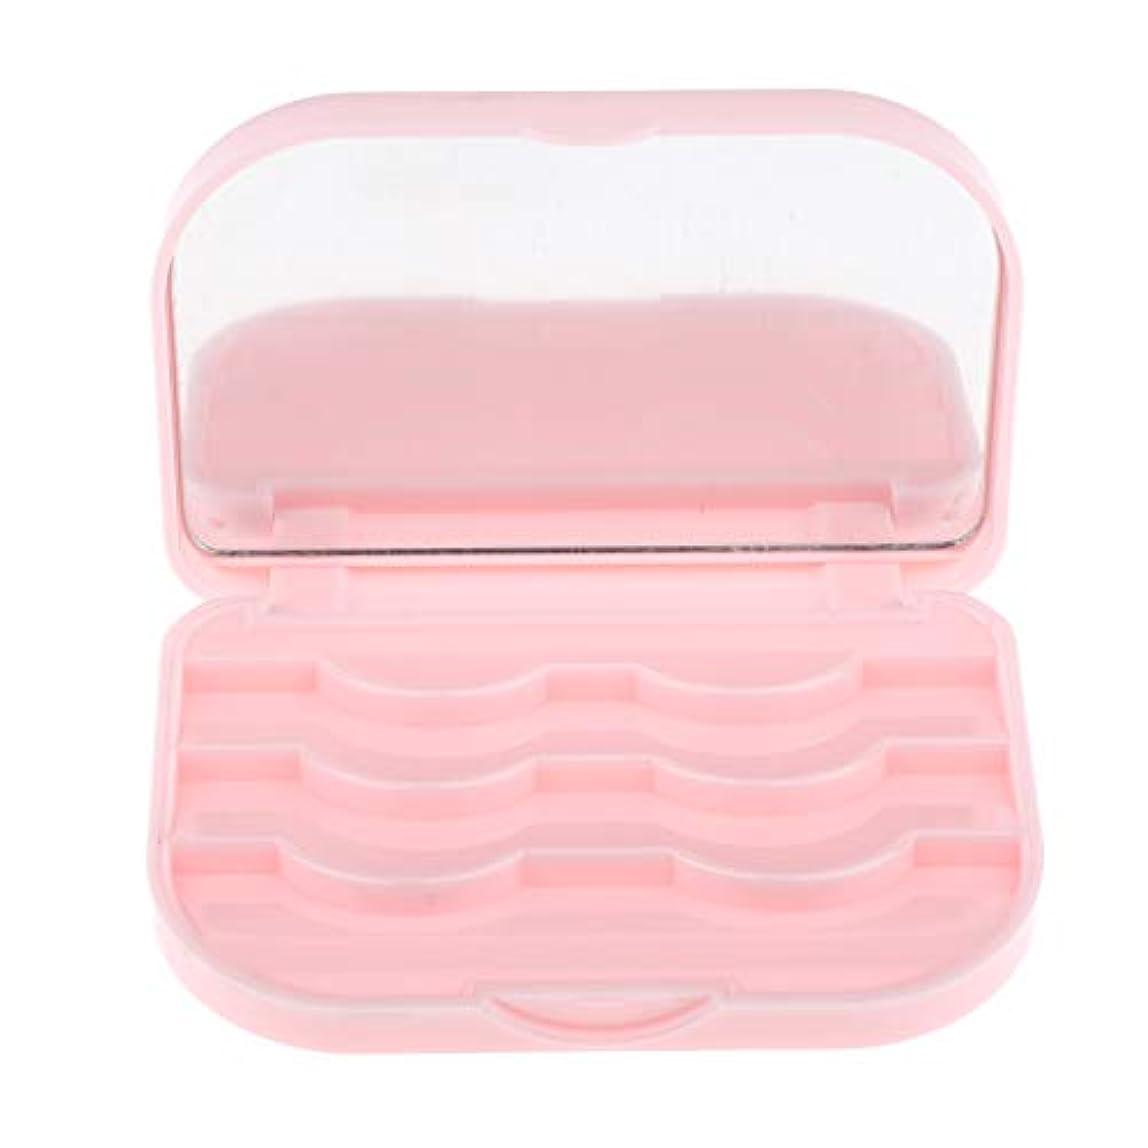 スリチンモイ期間粘性のT TOOYFUL 全3色 まつげ収納ケース 収納ホルダー 化粧ポーチ ミラー付き 携帯便利 全3色 - ピンク